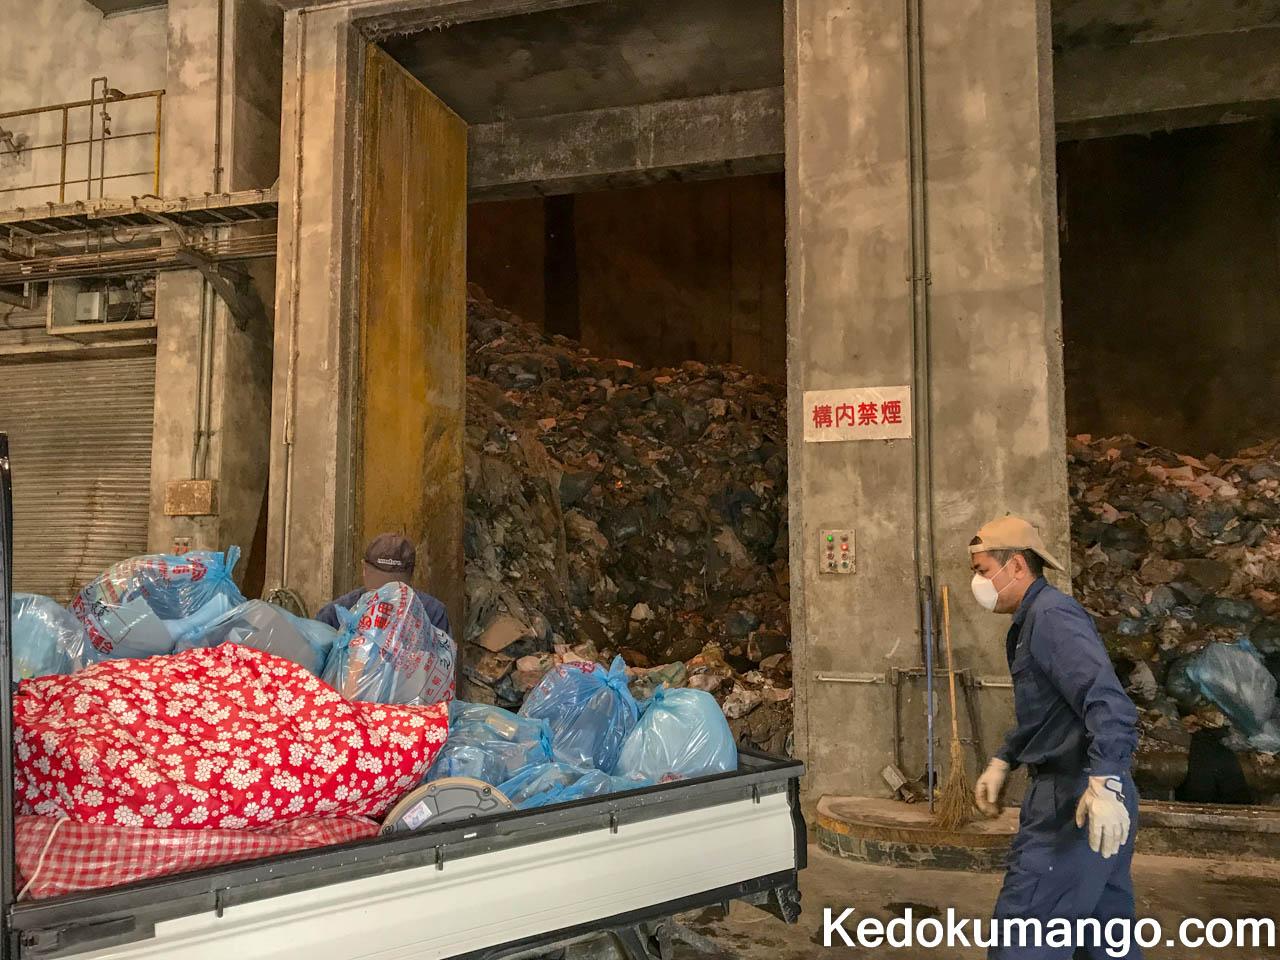 燃えるゴミの処分場所